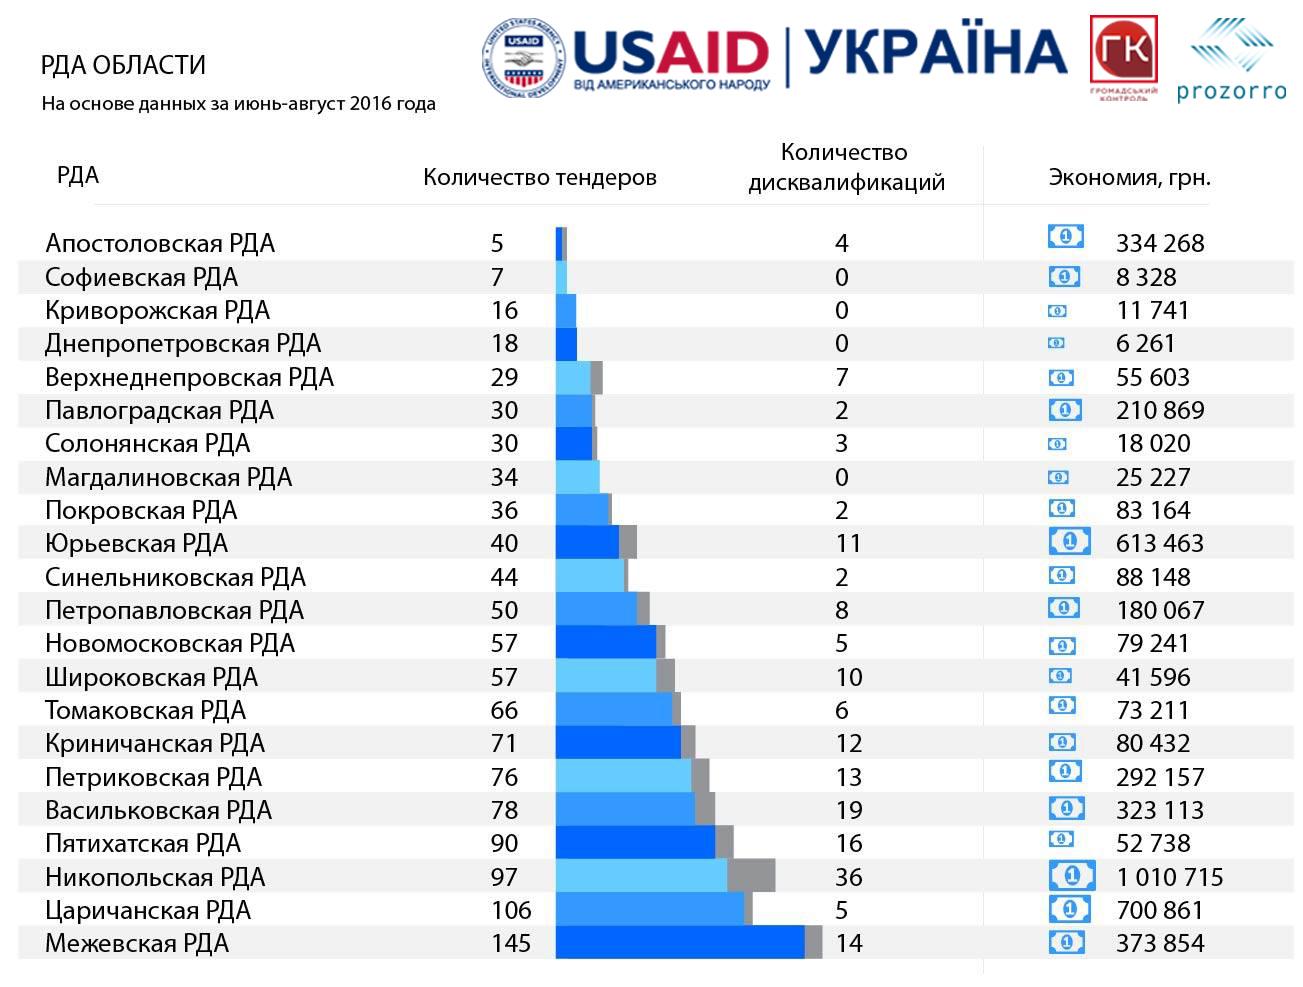 инструкция по отчету 1 торги украина